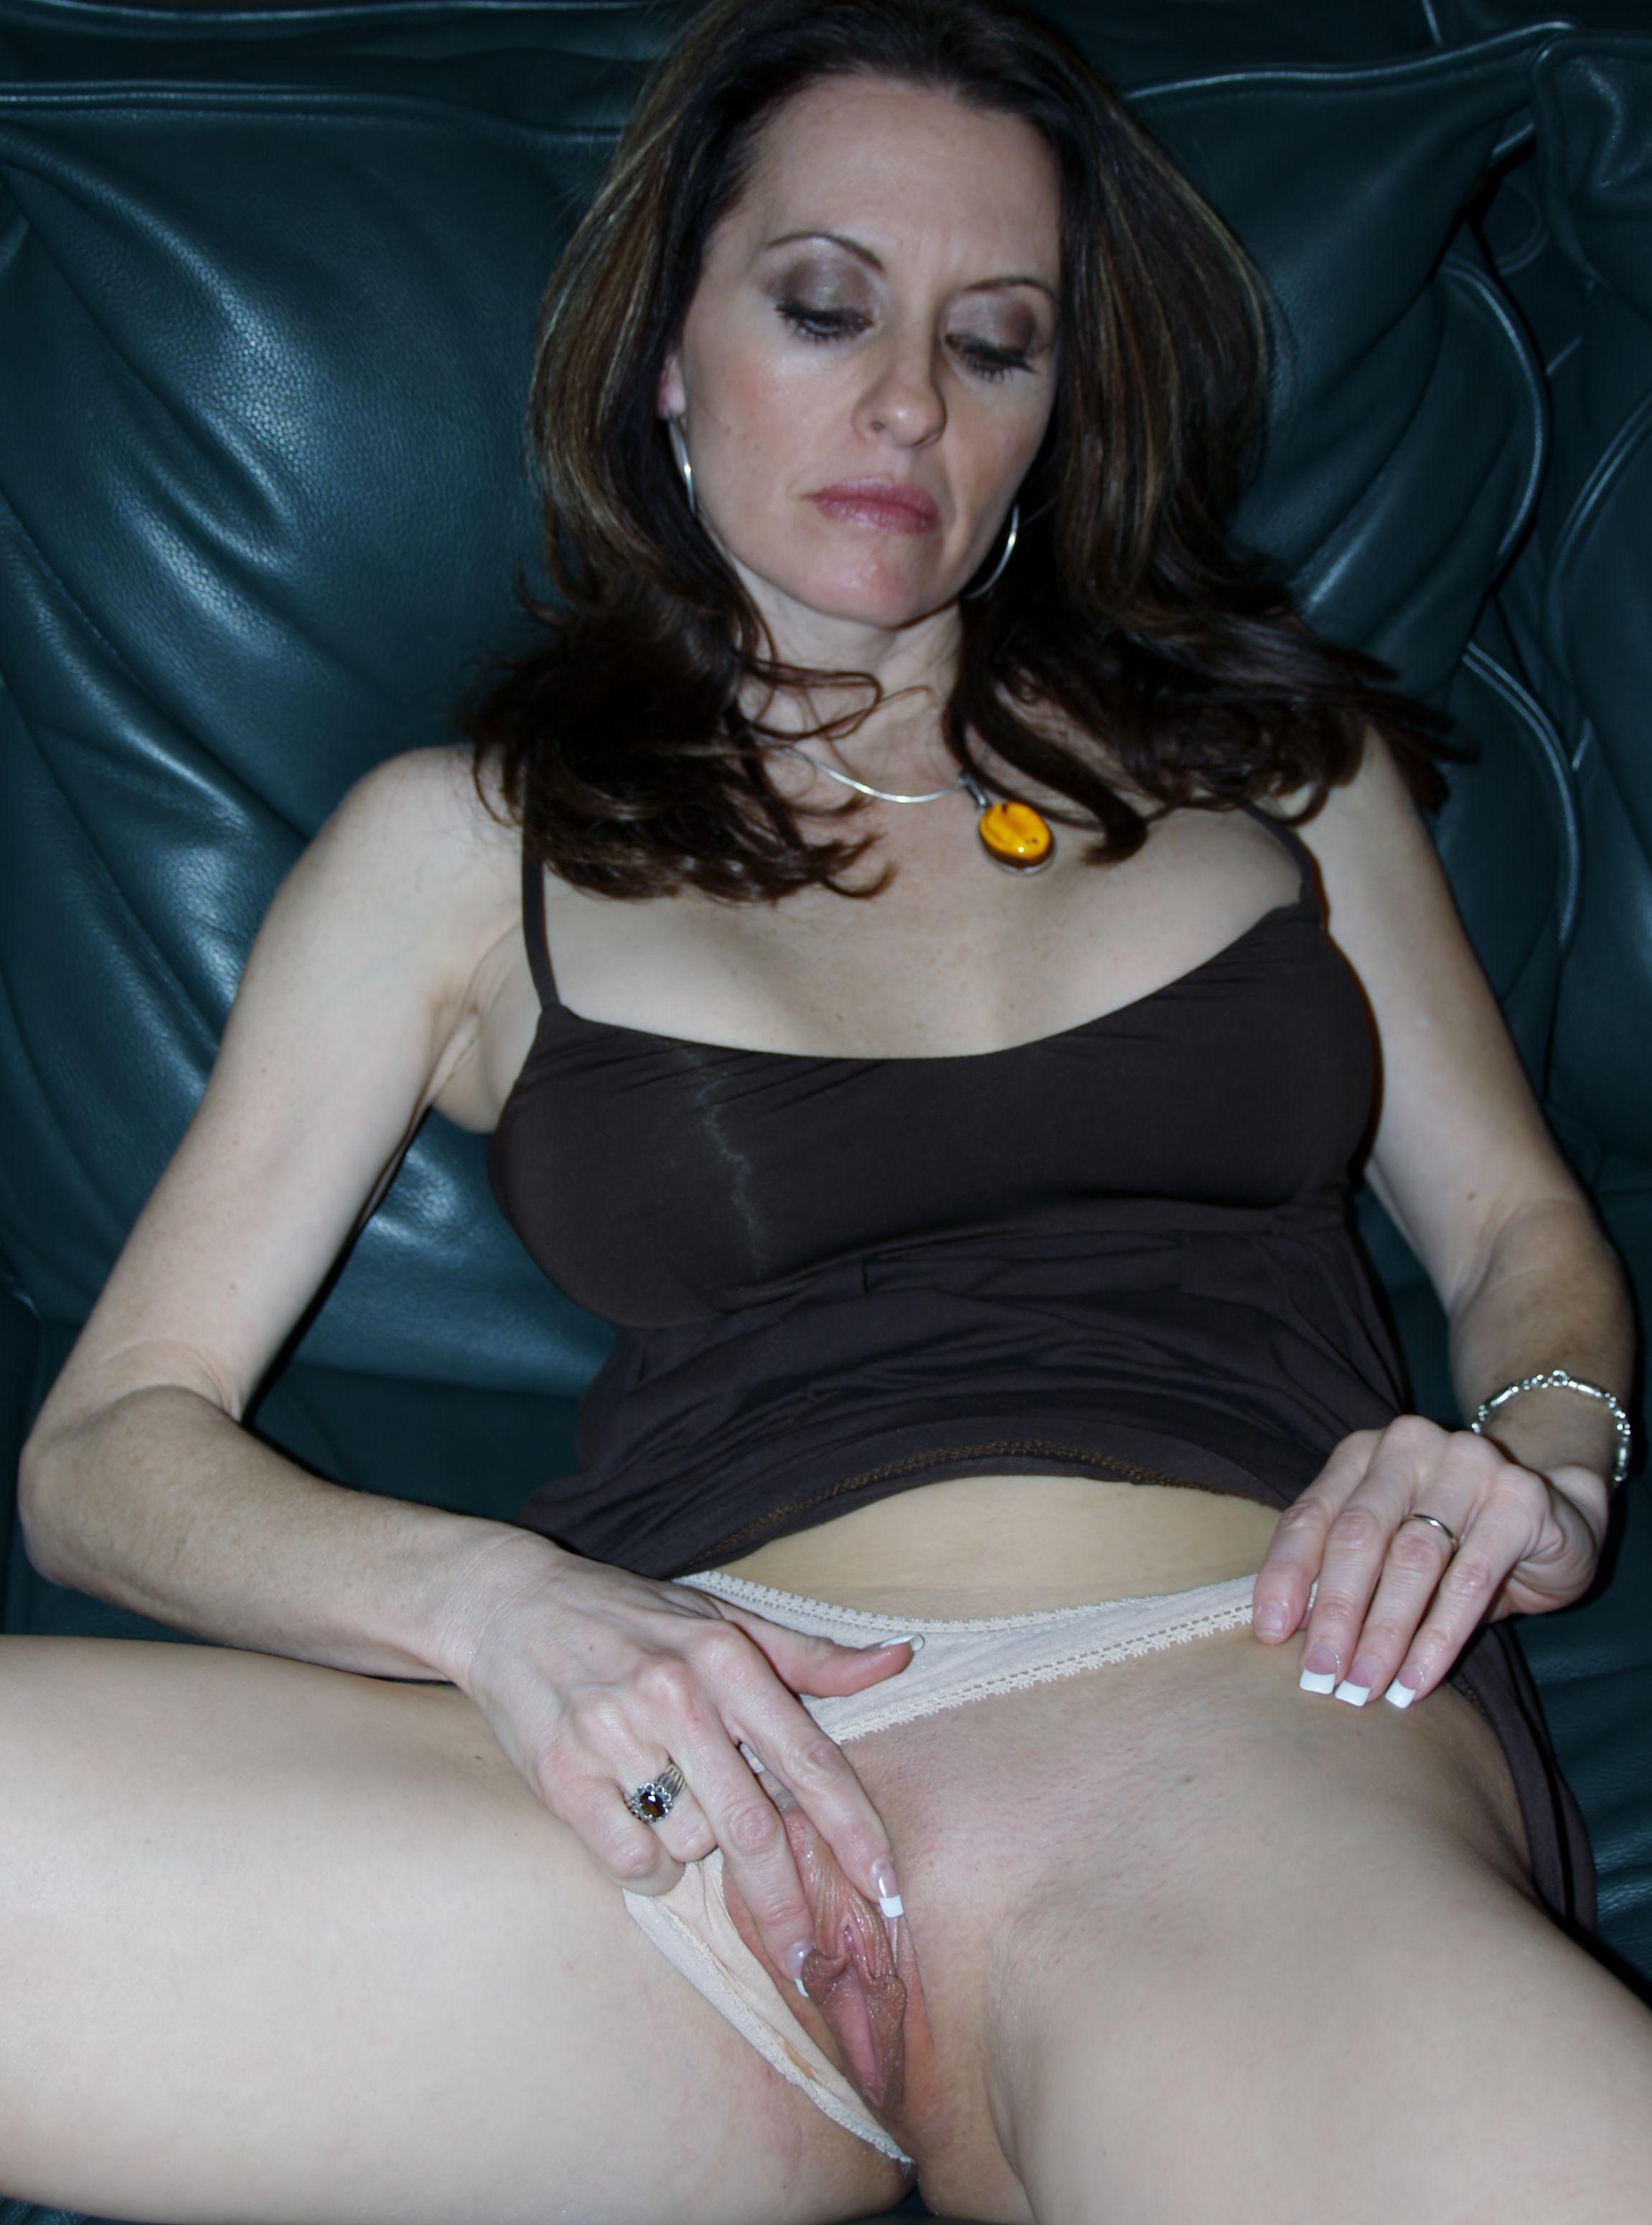 Las mas putas imagenes putas de los 70